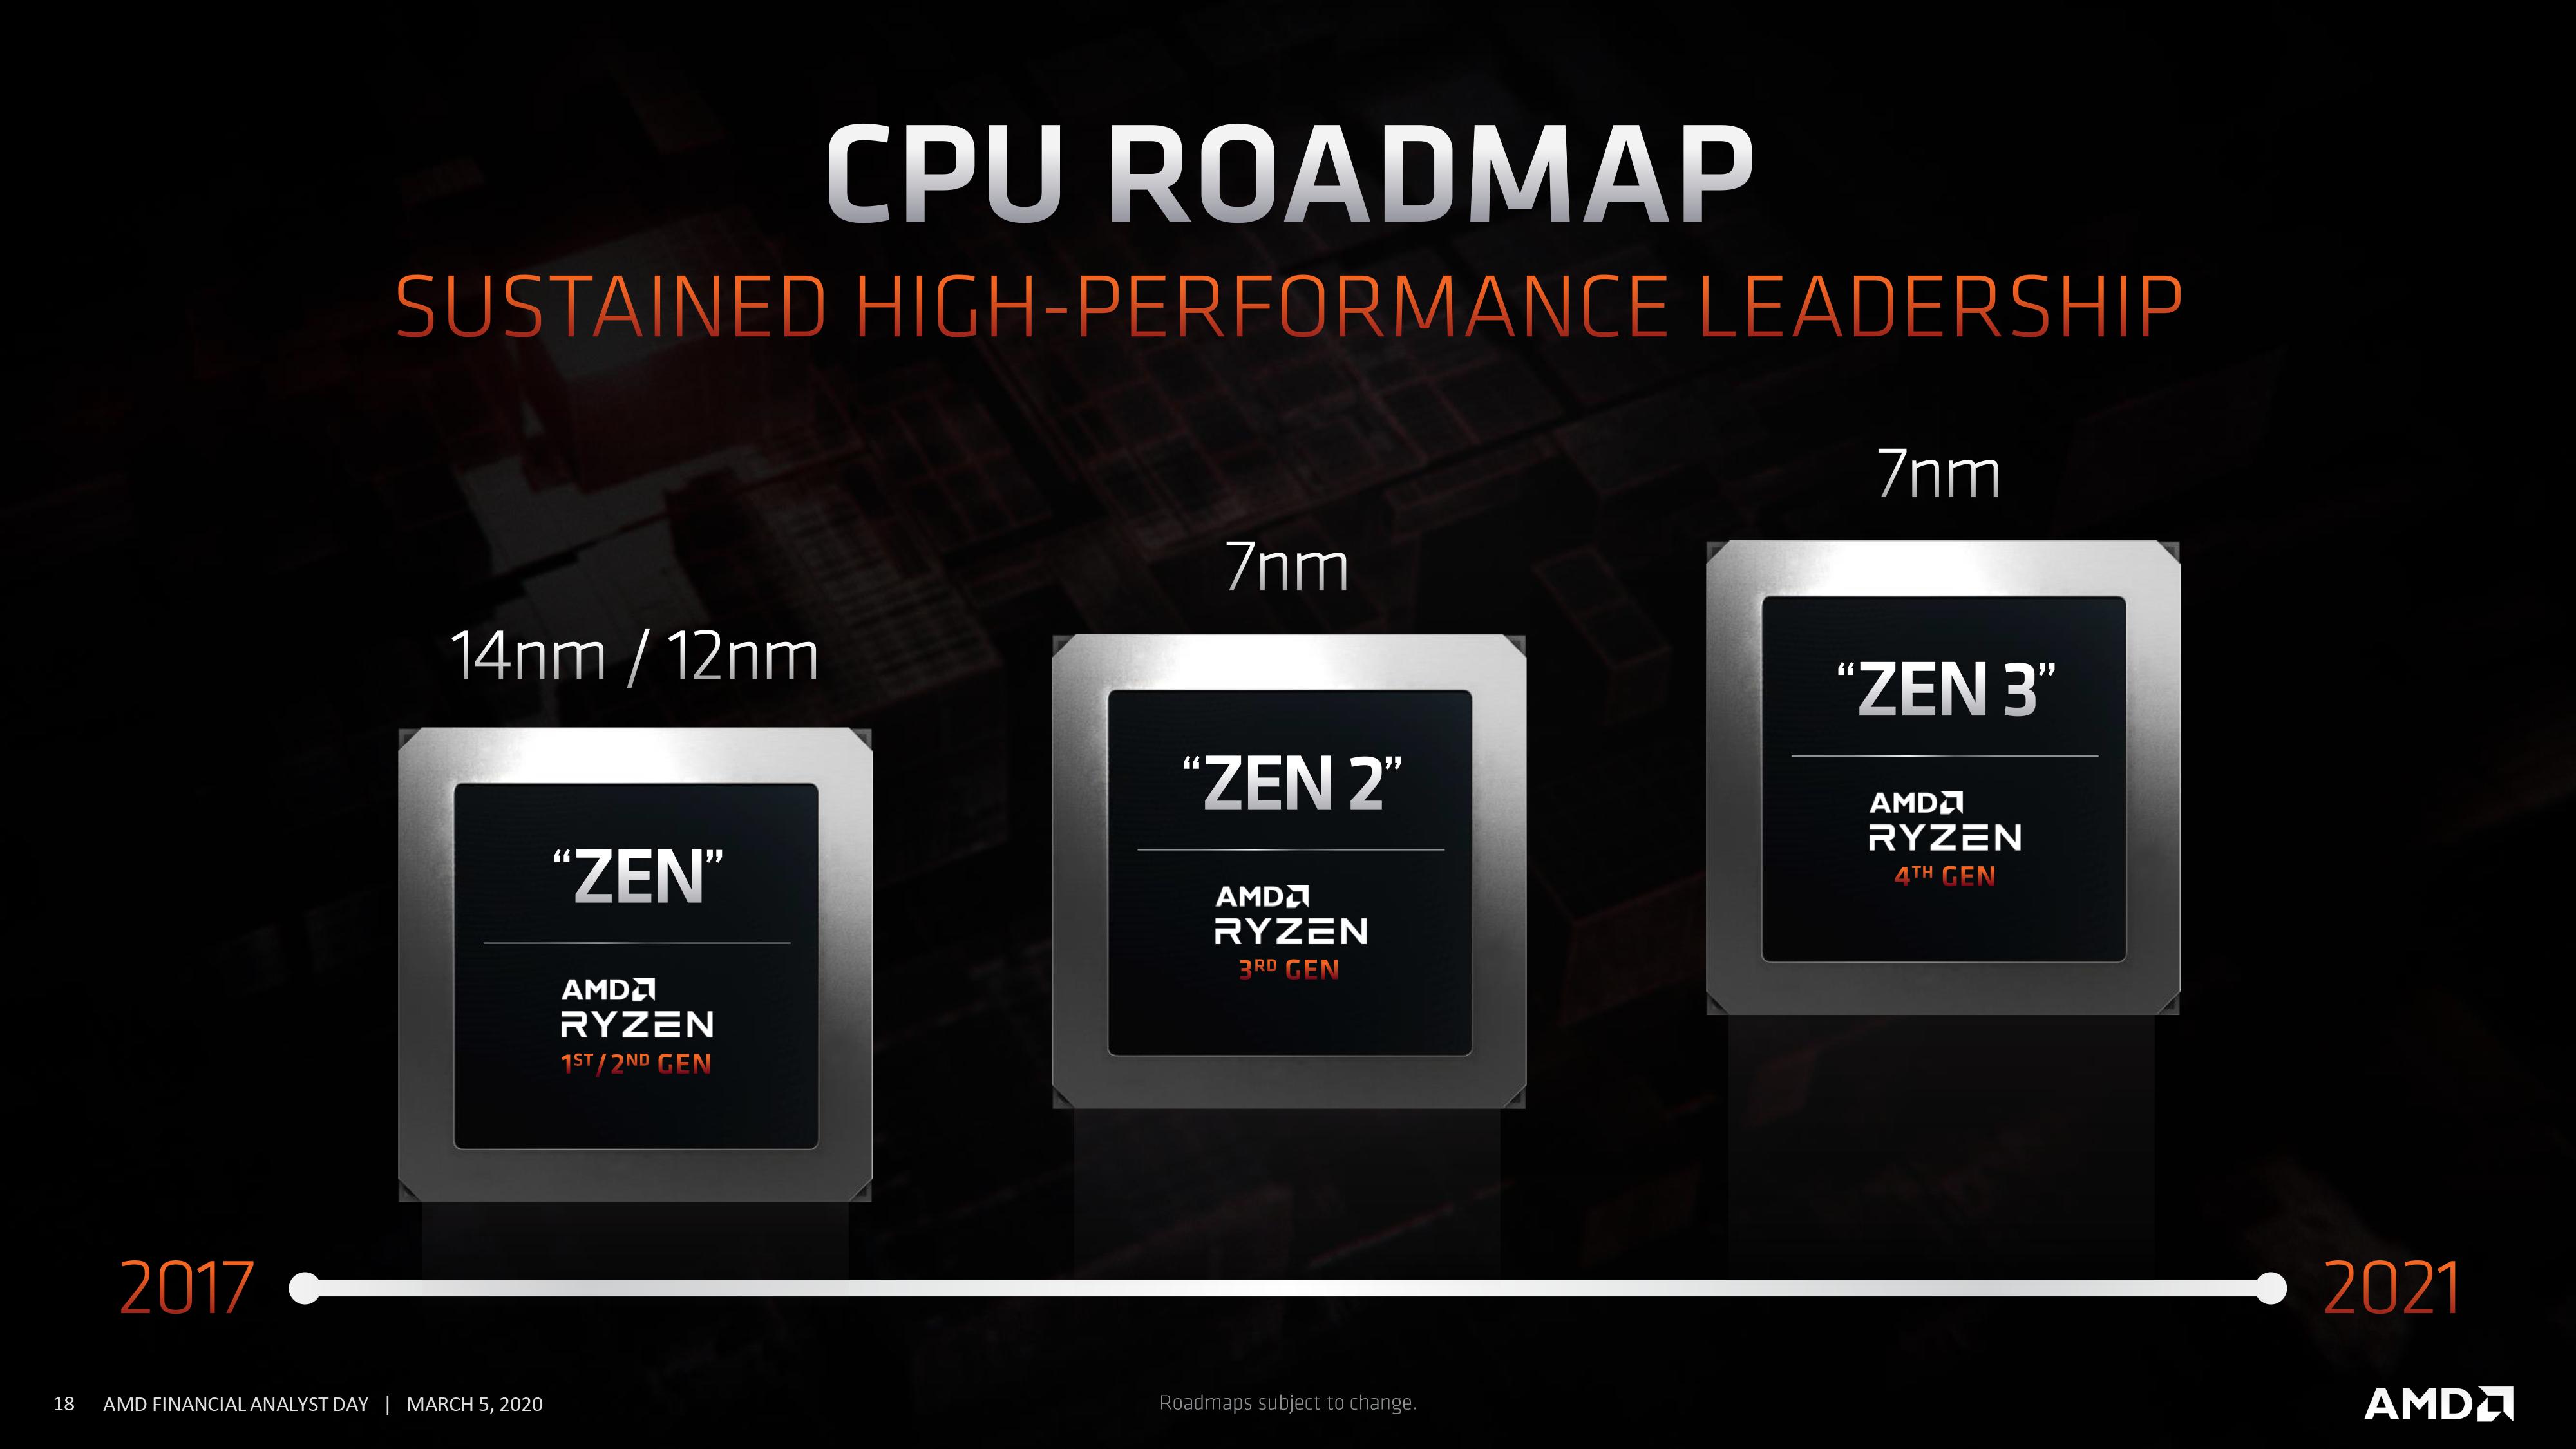 Amd Announces Ryzen Zen 3 And Radeon Rdna2 Presentations For October A New Journey Begins